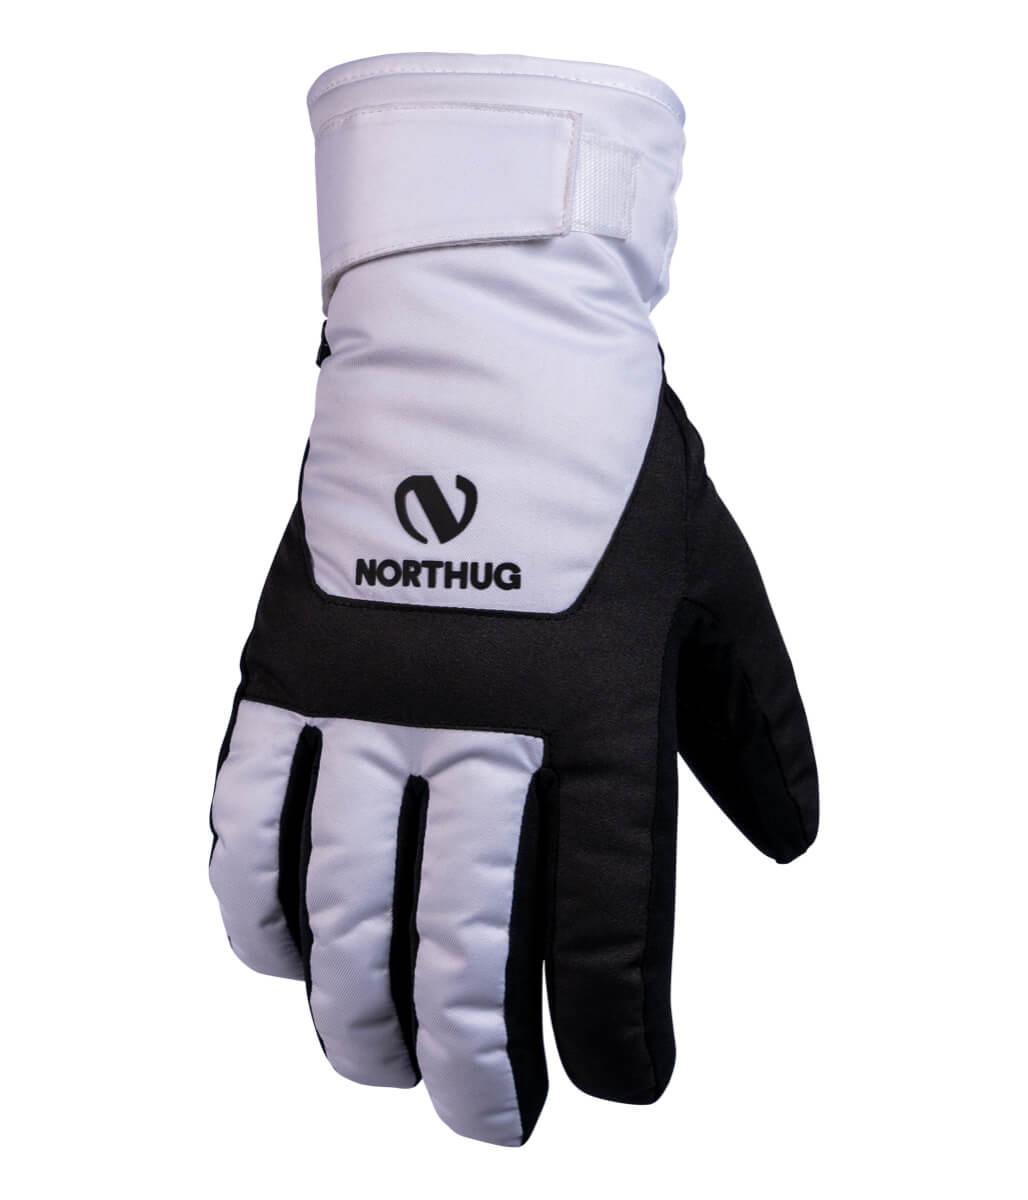 Northug Selli ins gloves